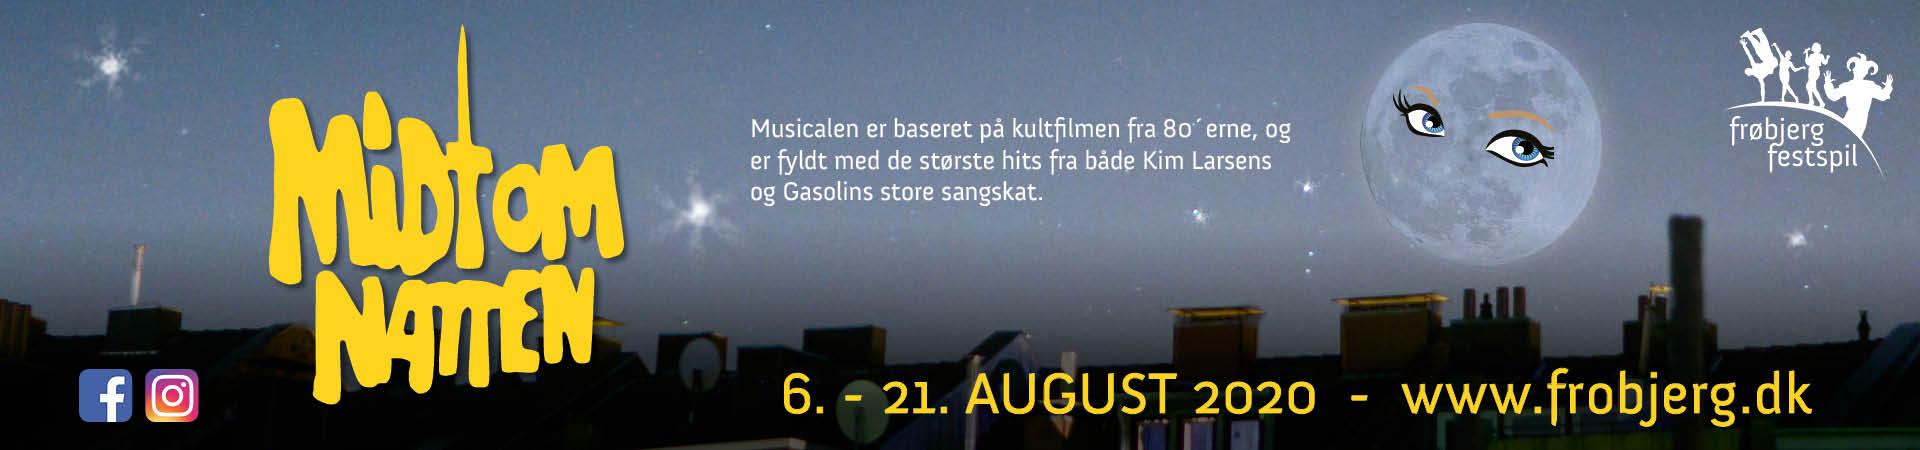 Frøbjerg Festspil_Banner_1920X450px